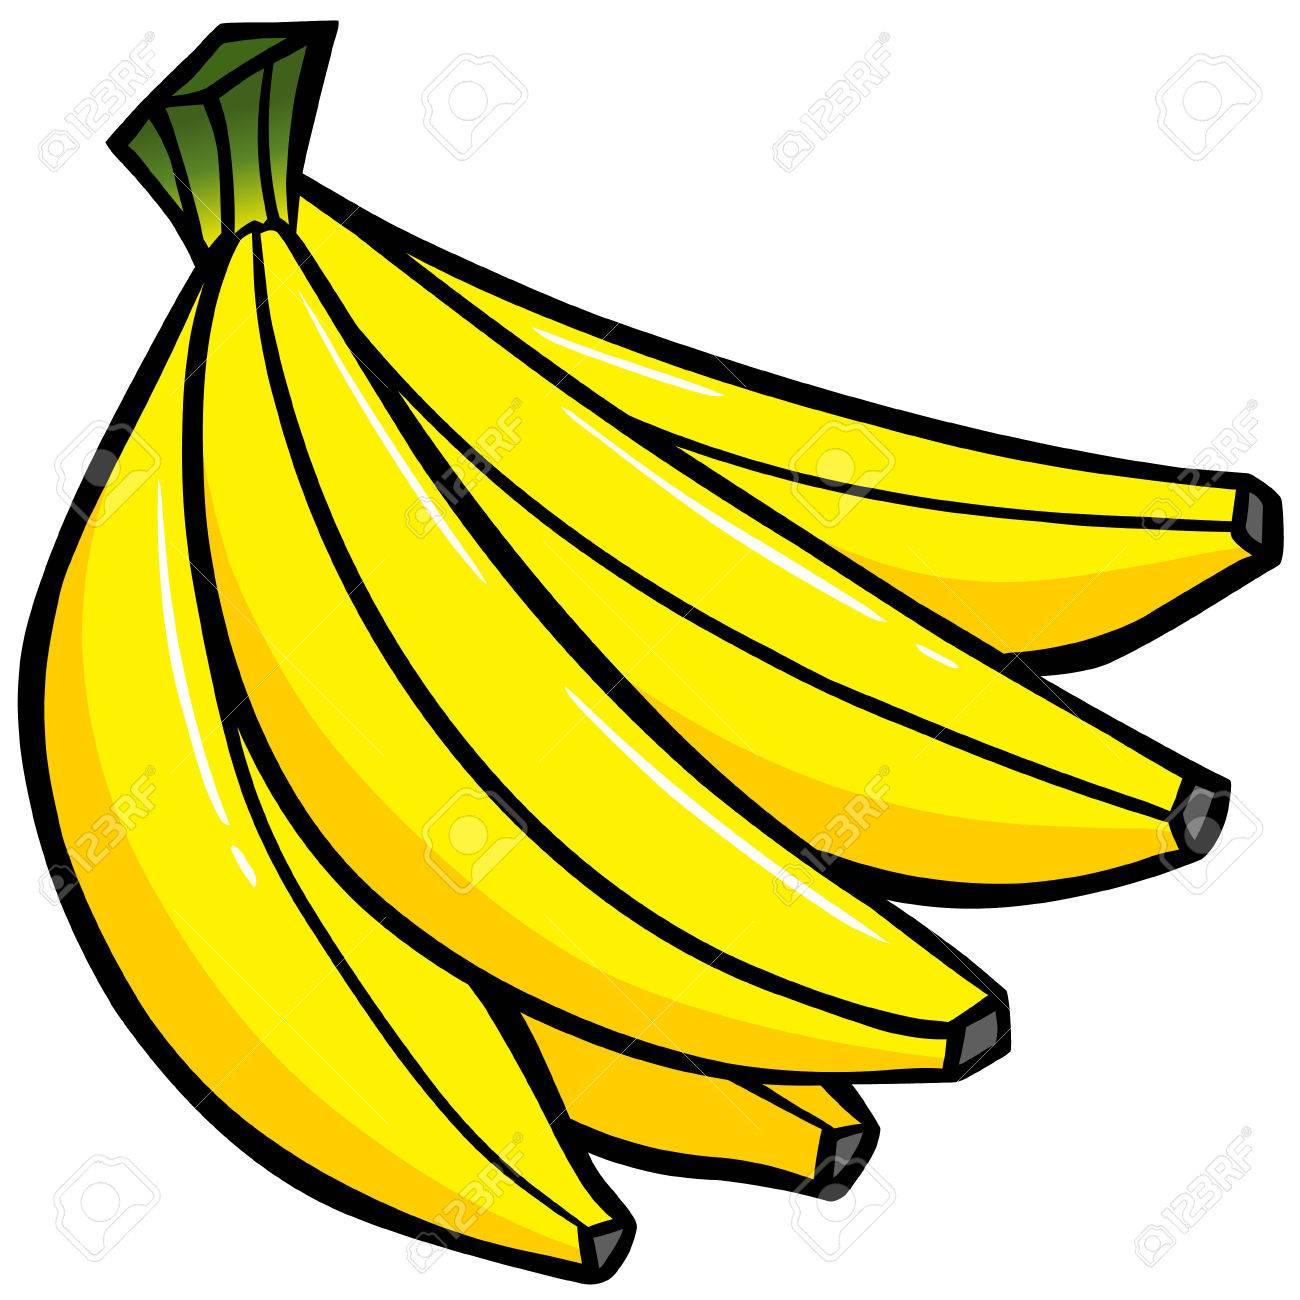 banana bunch royalty free cliparts vectors and stock illustration rh 123rf com banana clipart png banana clipart images